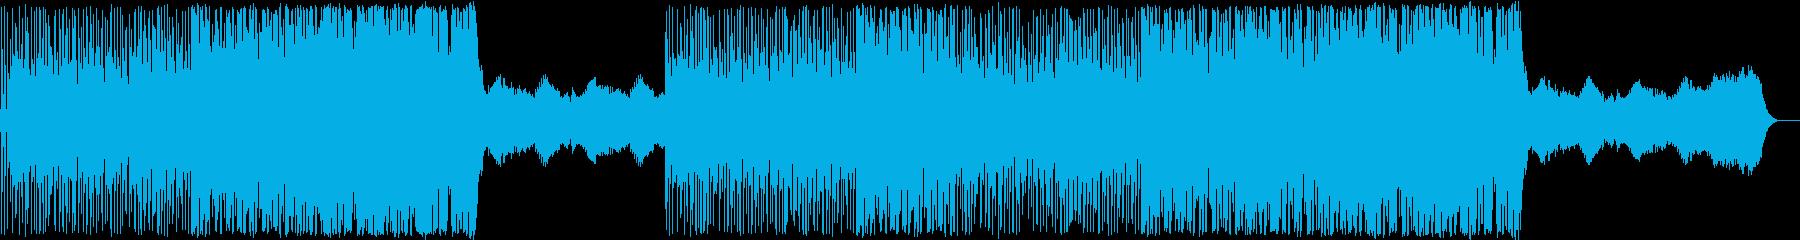 おまぬけな日常の曲ですの再生済みの波形